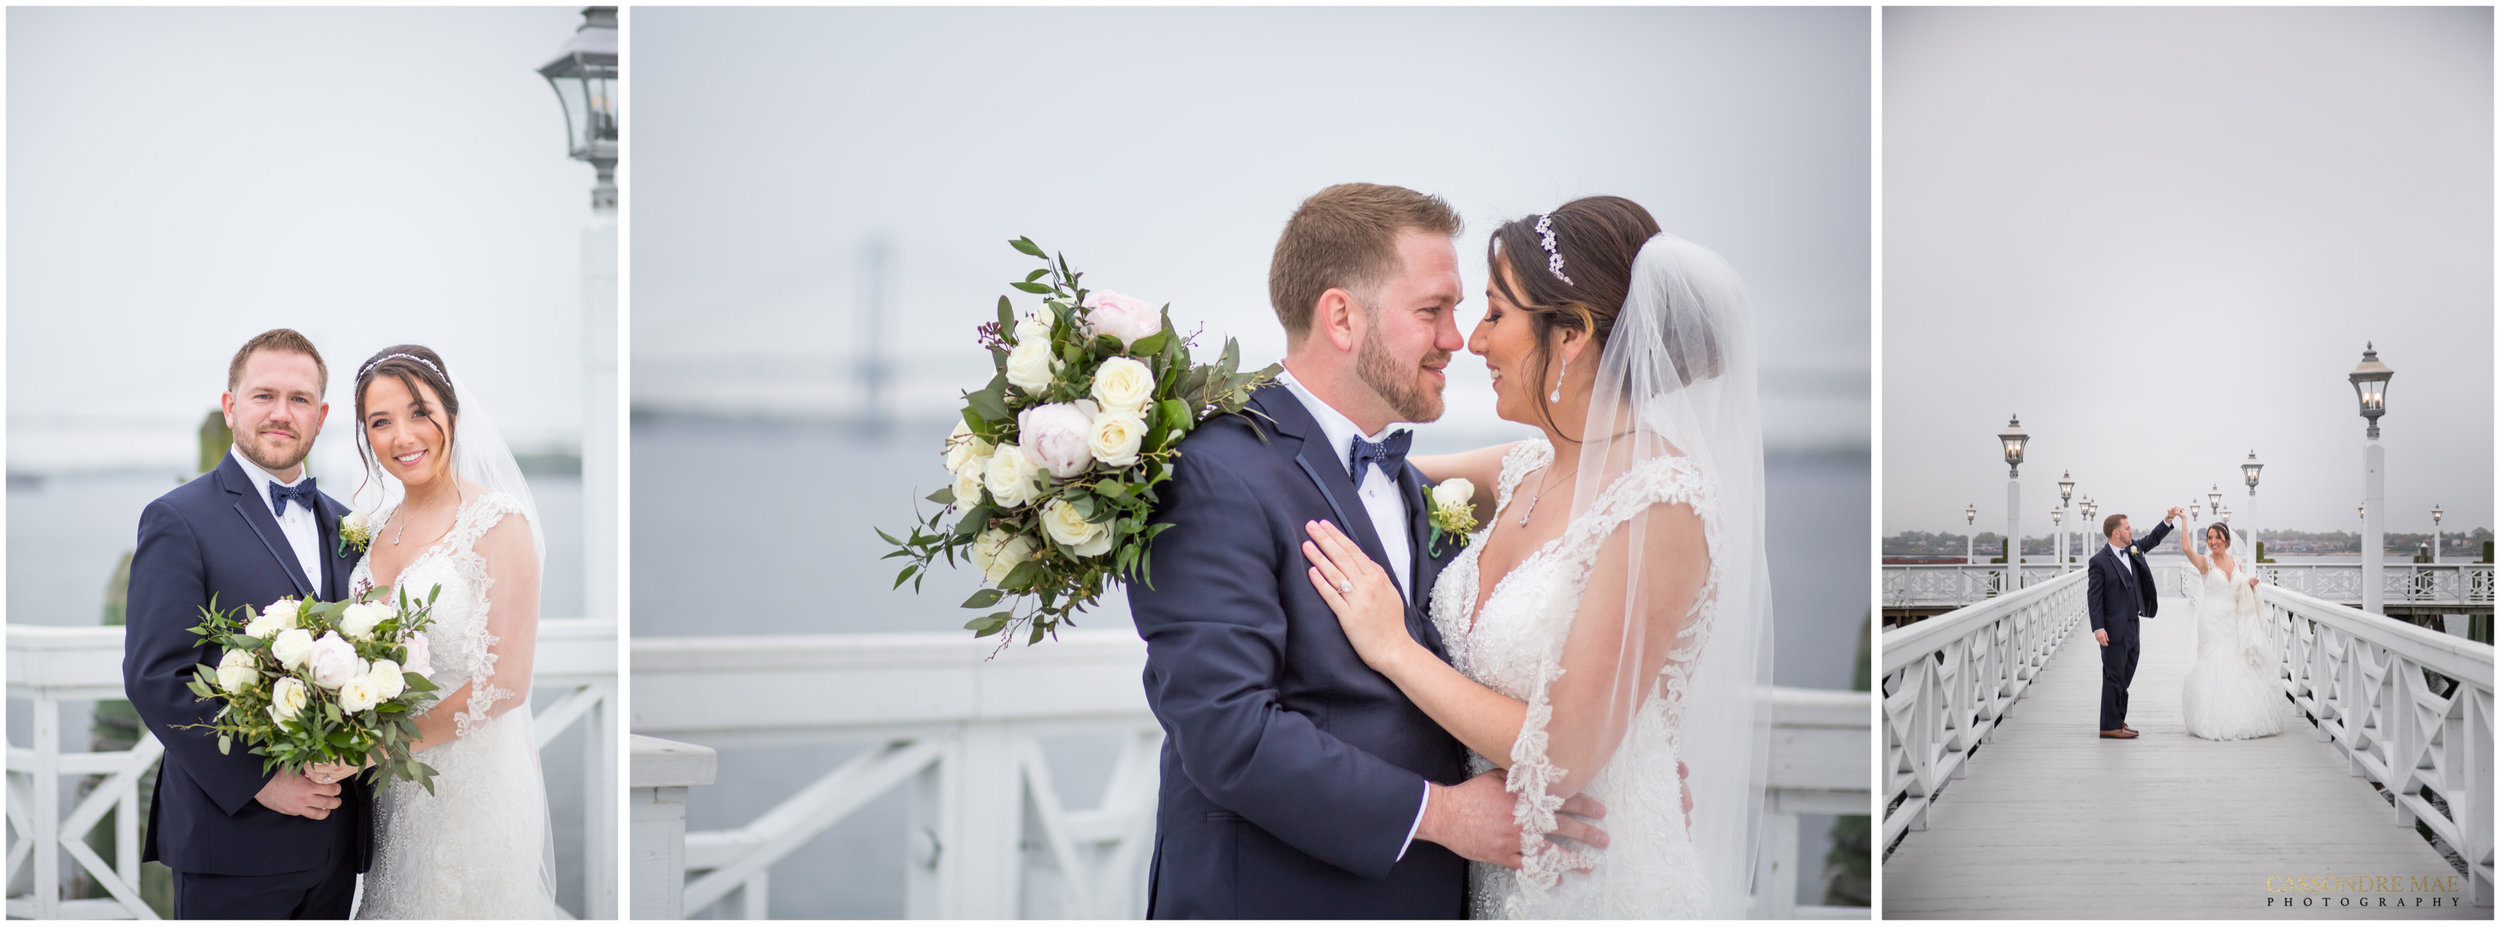 Cassondre Mae Photography Marina Del Ray Weddings 44.jpg